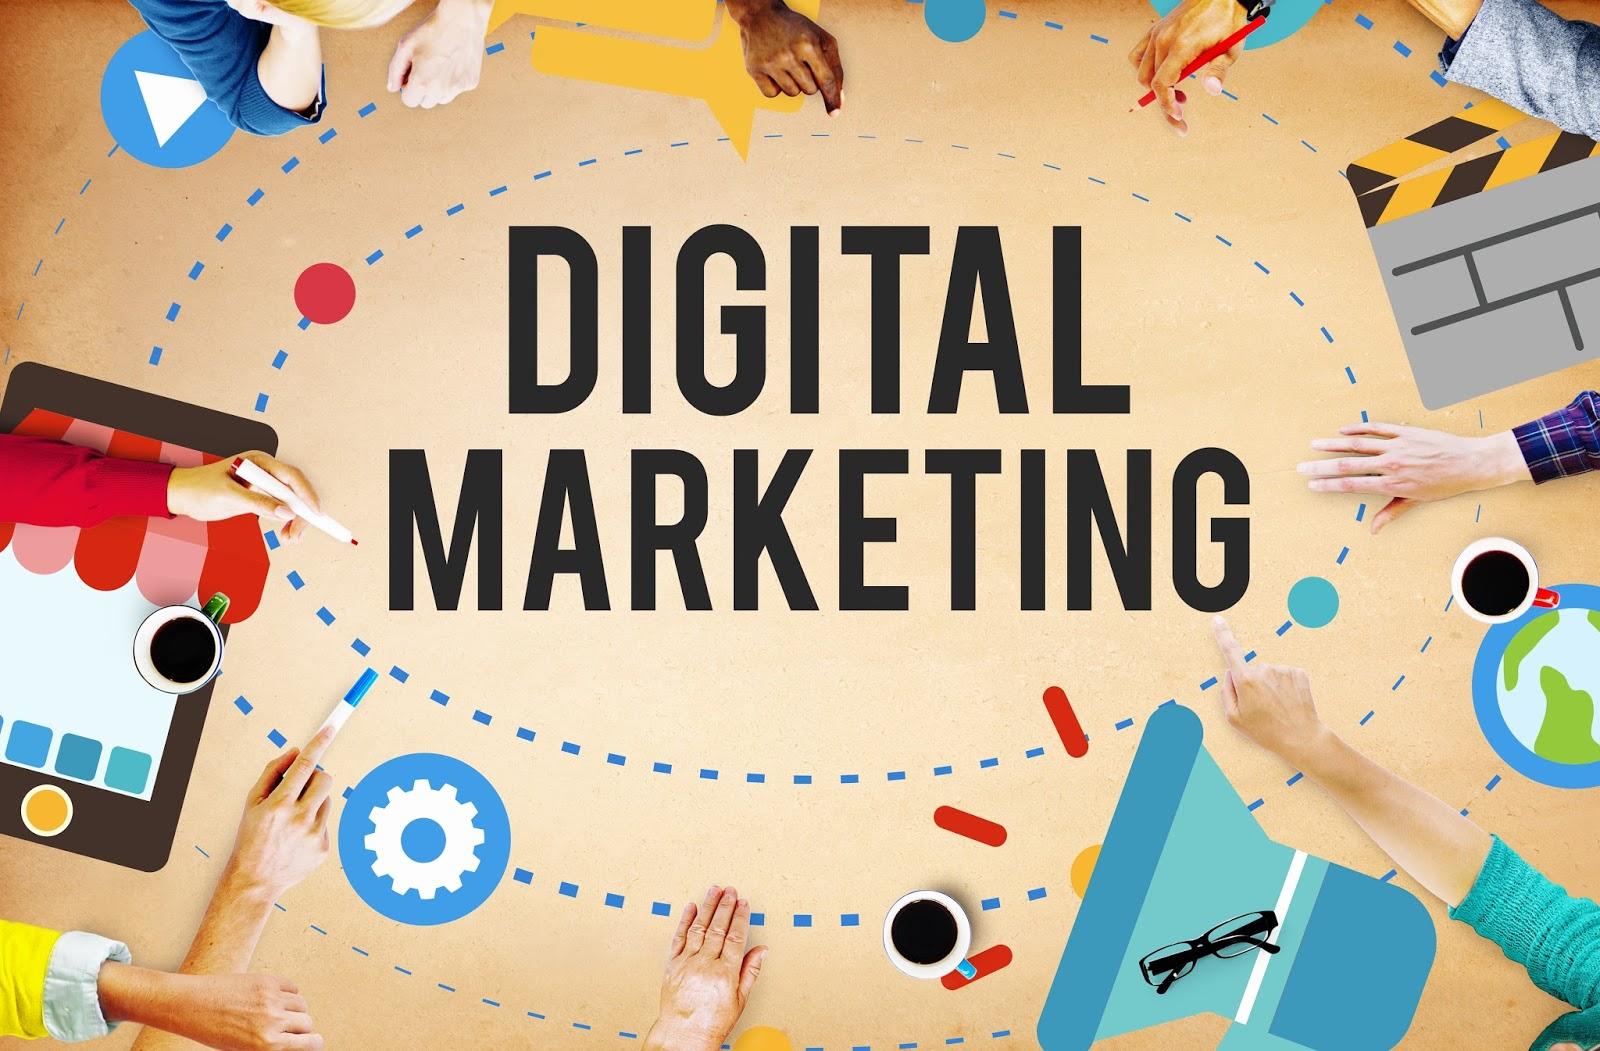 Digital marketing là gì ? Tìm hiểu về Digital marketing với 3 khái niệm cốt lõi trước khi bắt tay thực hiện